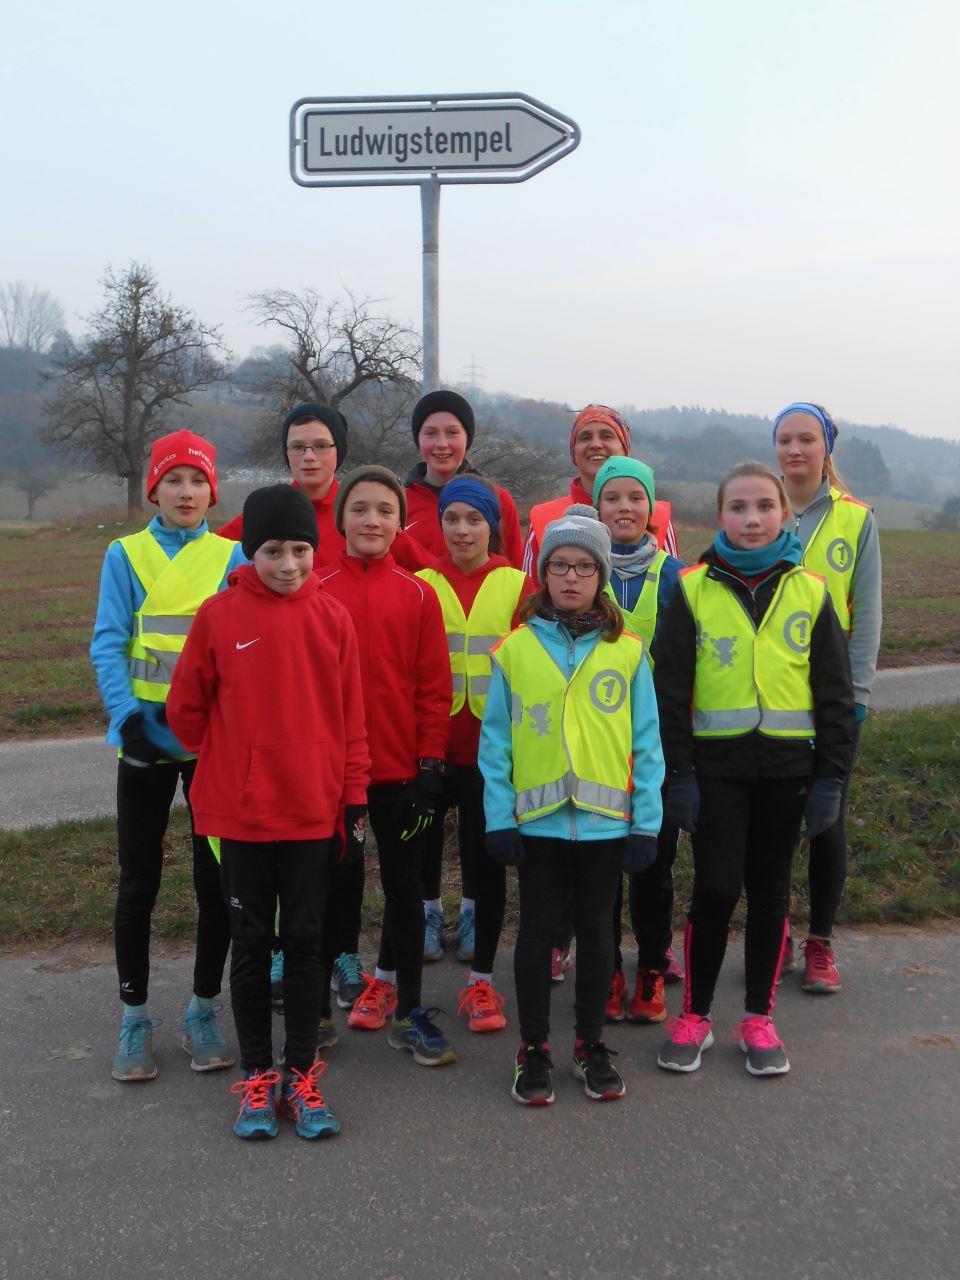 TV Schweinheim Leichtathletik Winter-Lauftraining zum Ludwigstempel 2018